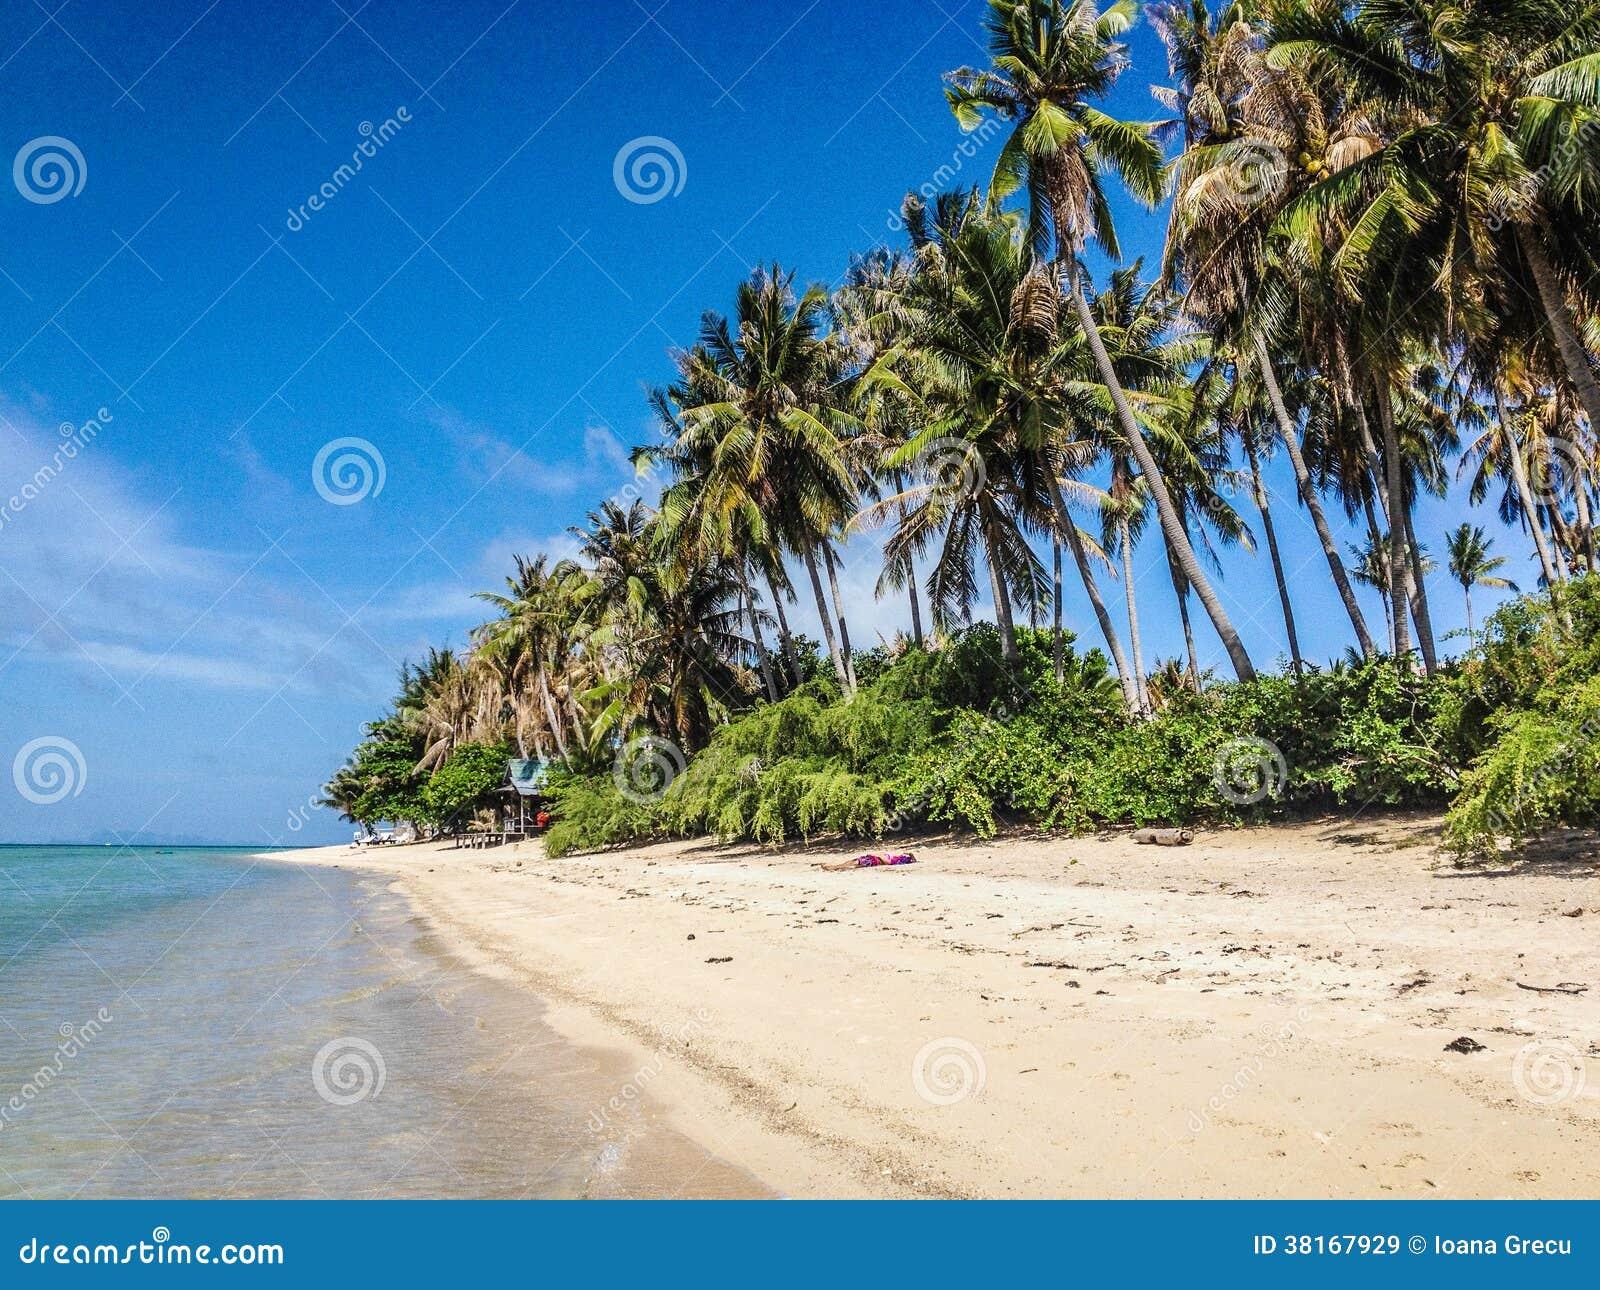 Tropical Island Paradise: Paradise Tropical Island Stock Image. Image Of Empty